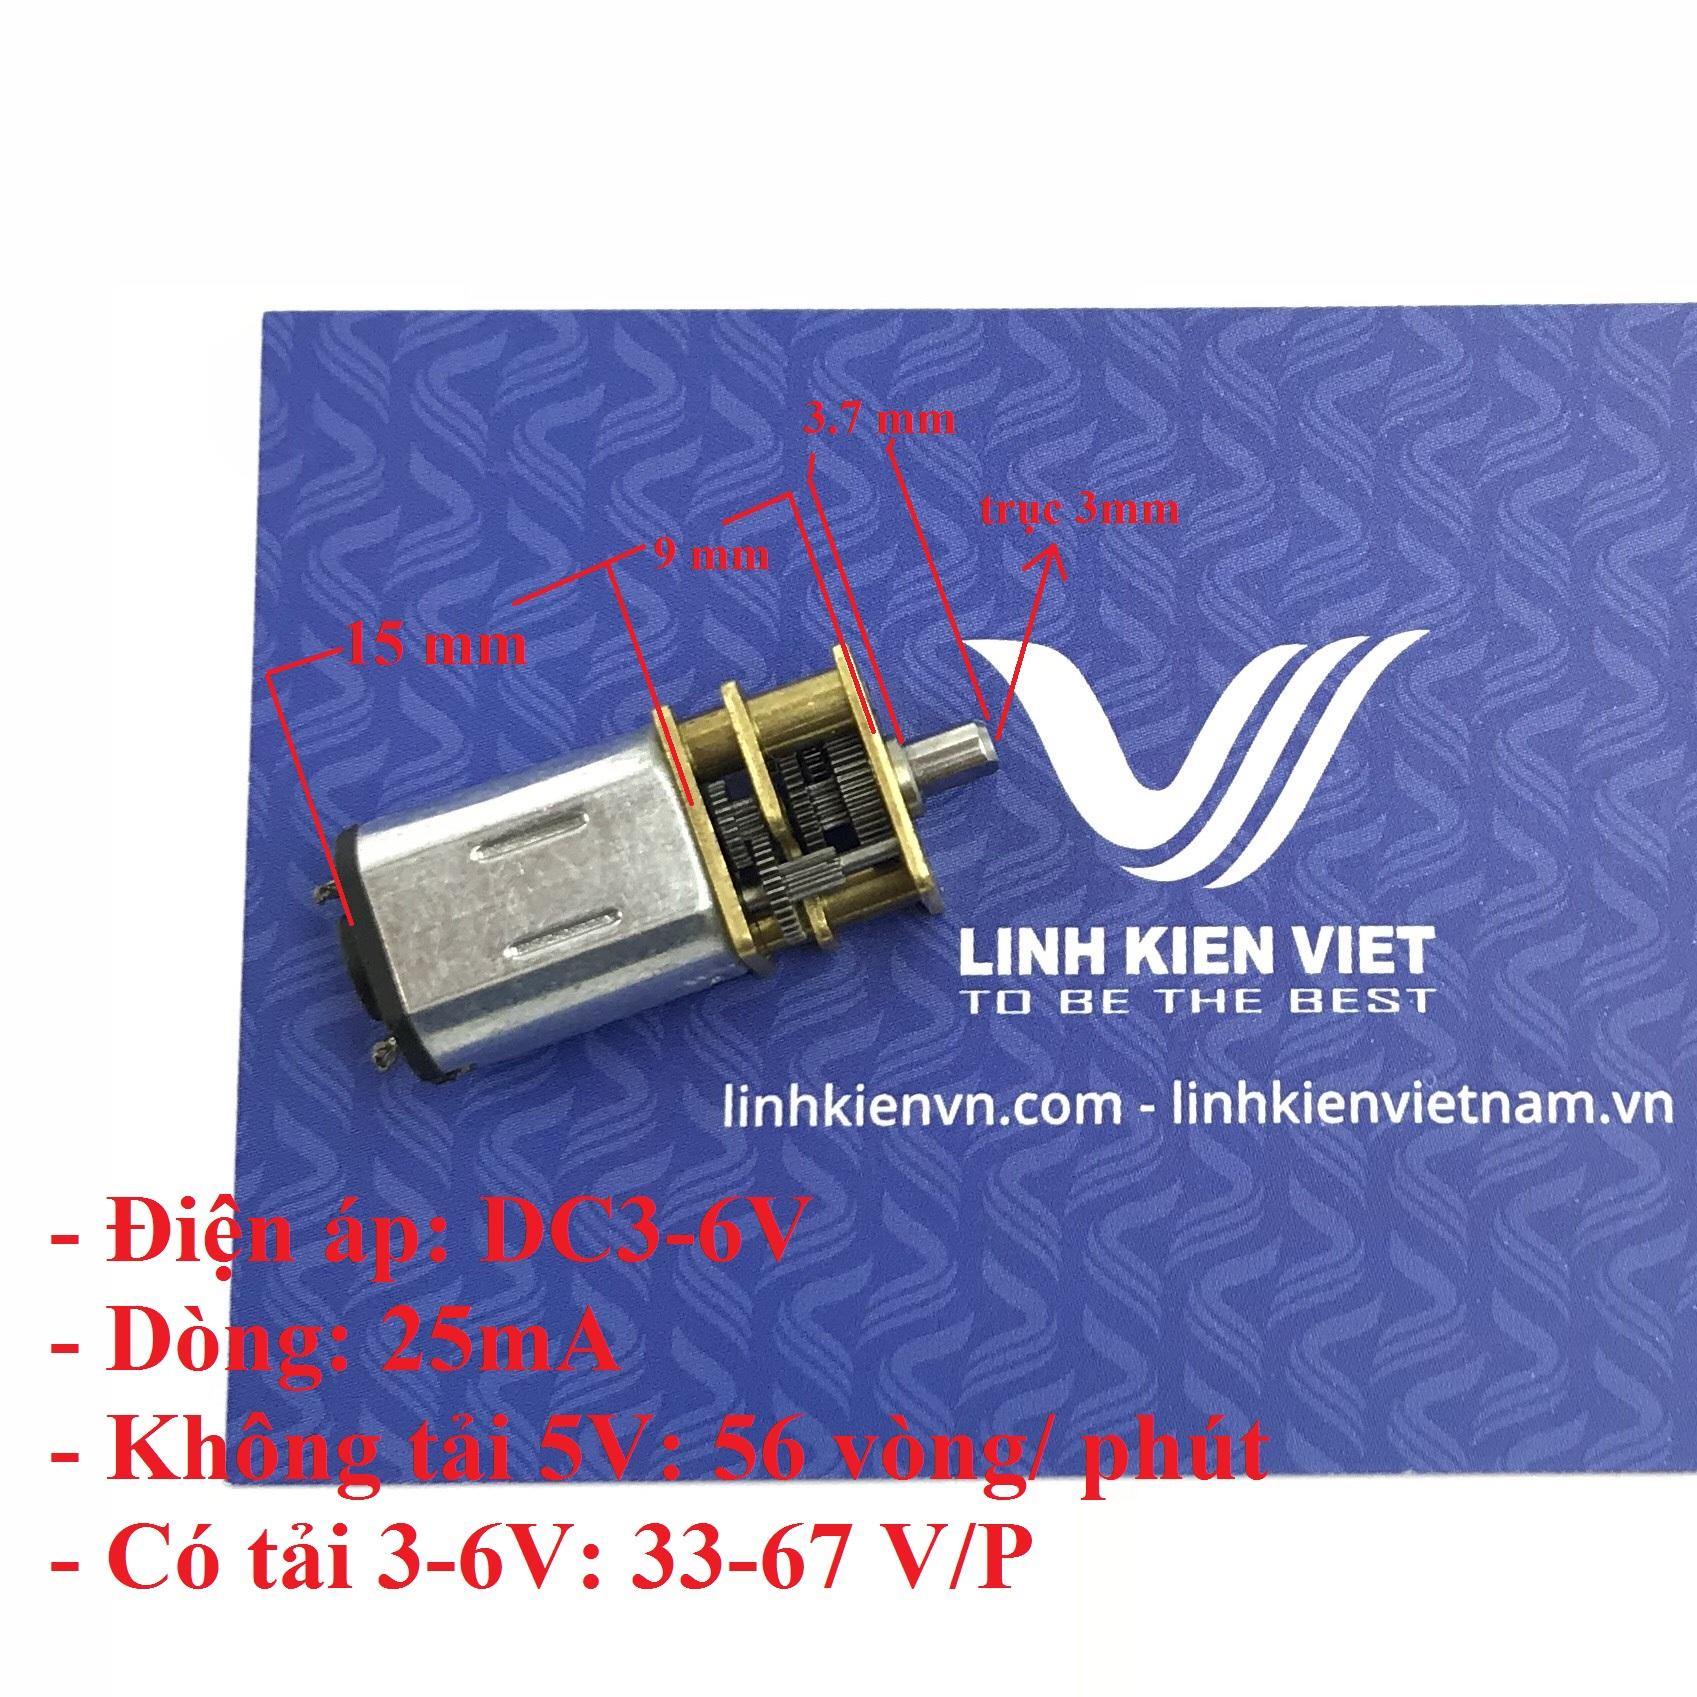 Động cơ giảm tốc N20 1.5-6V 56 vòng/phút - I3H15